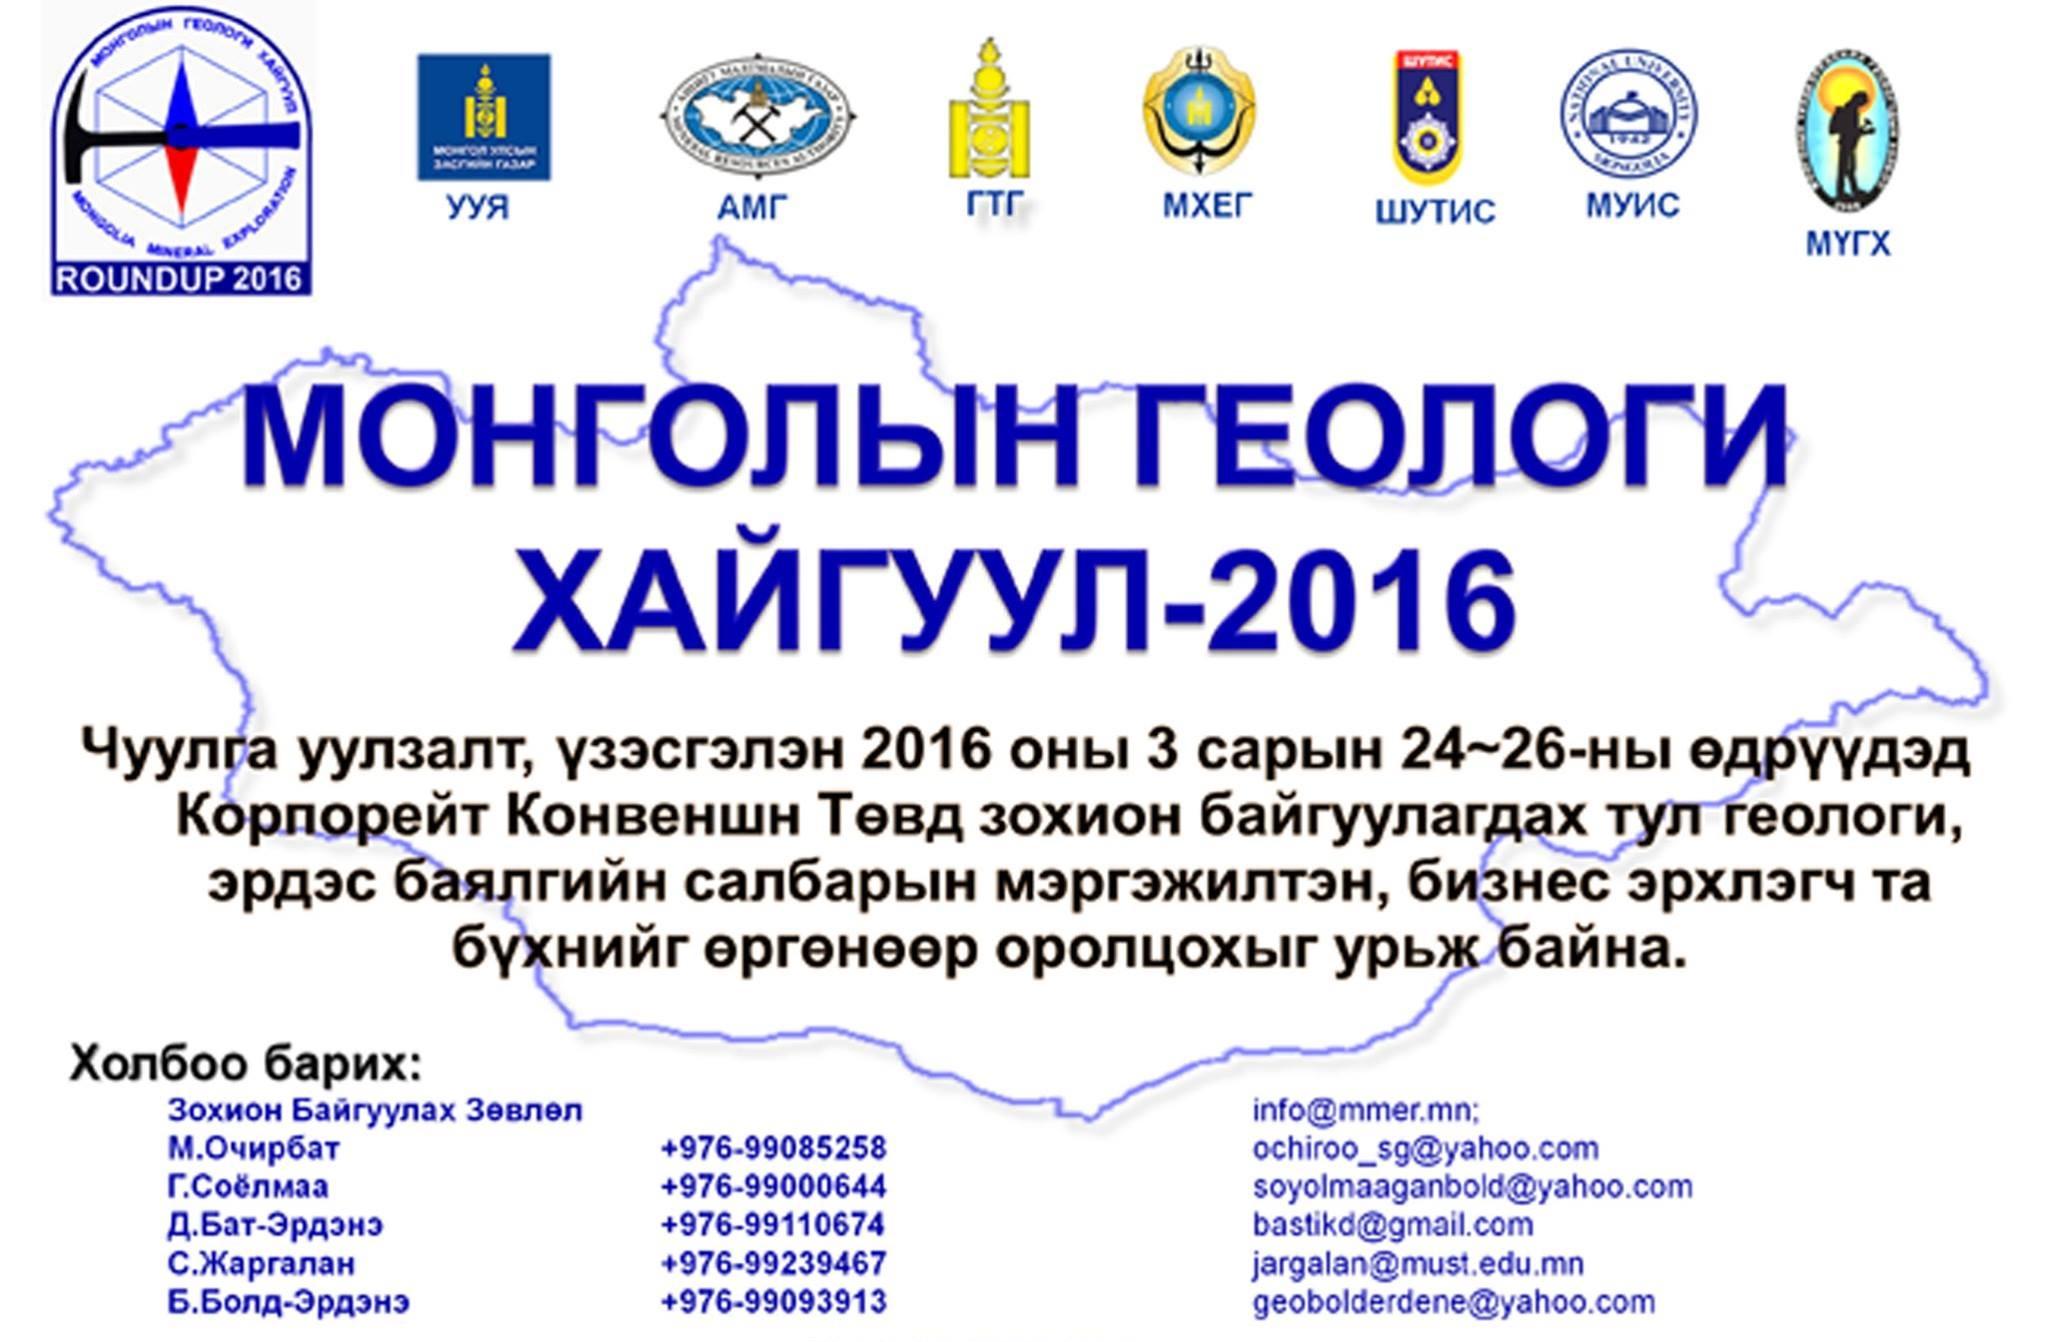 МОНГОЛЫН ГЕОЛОГИ ХАЙГУУЛ-2016